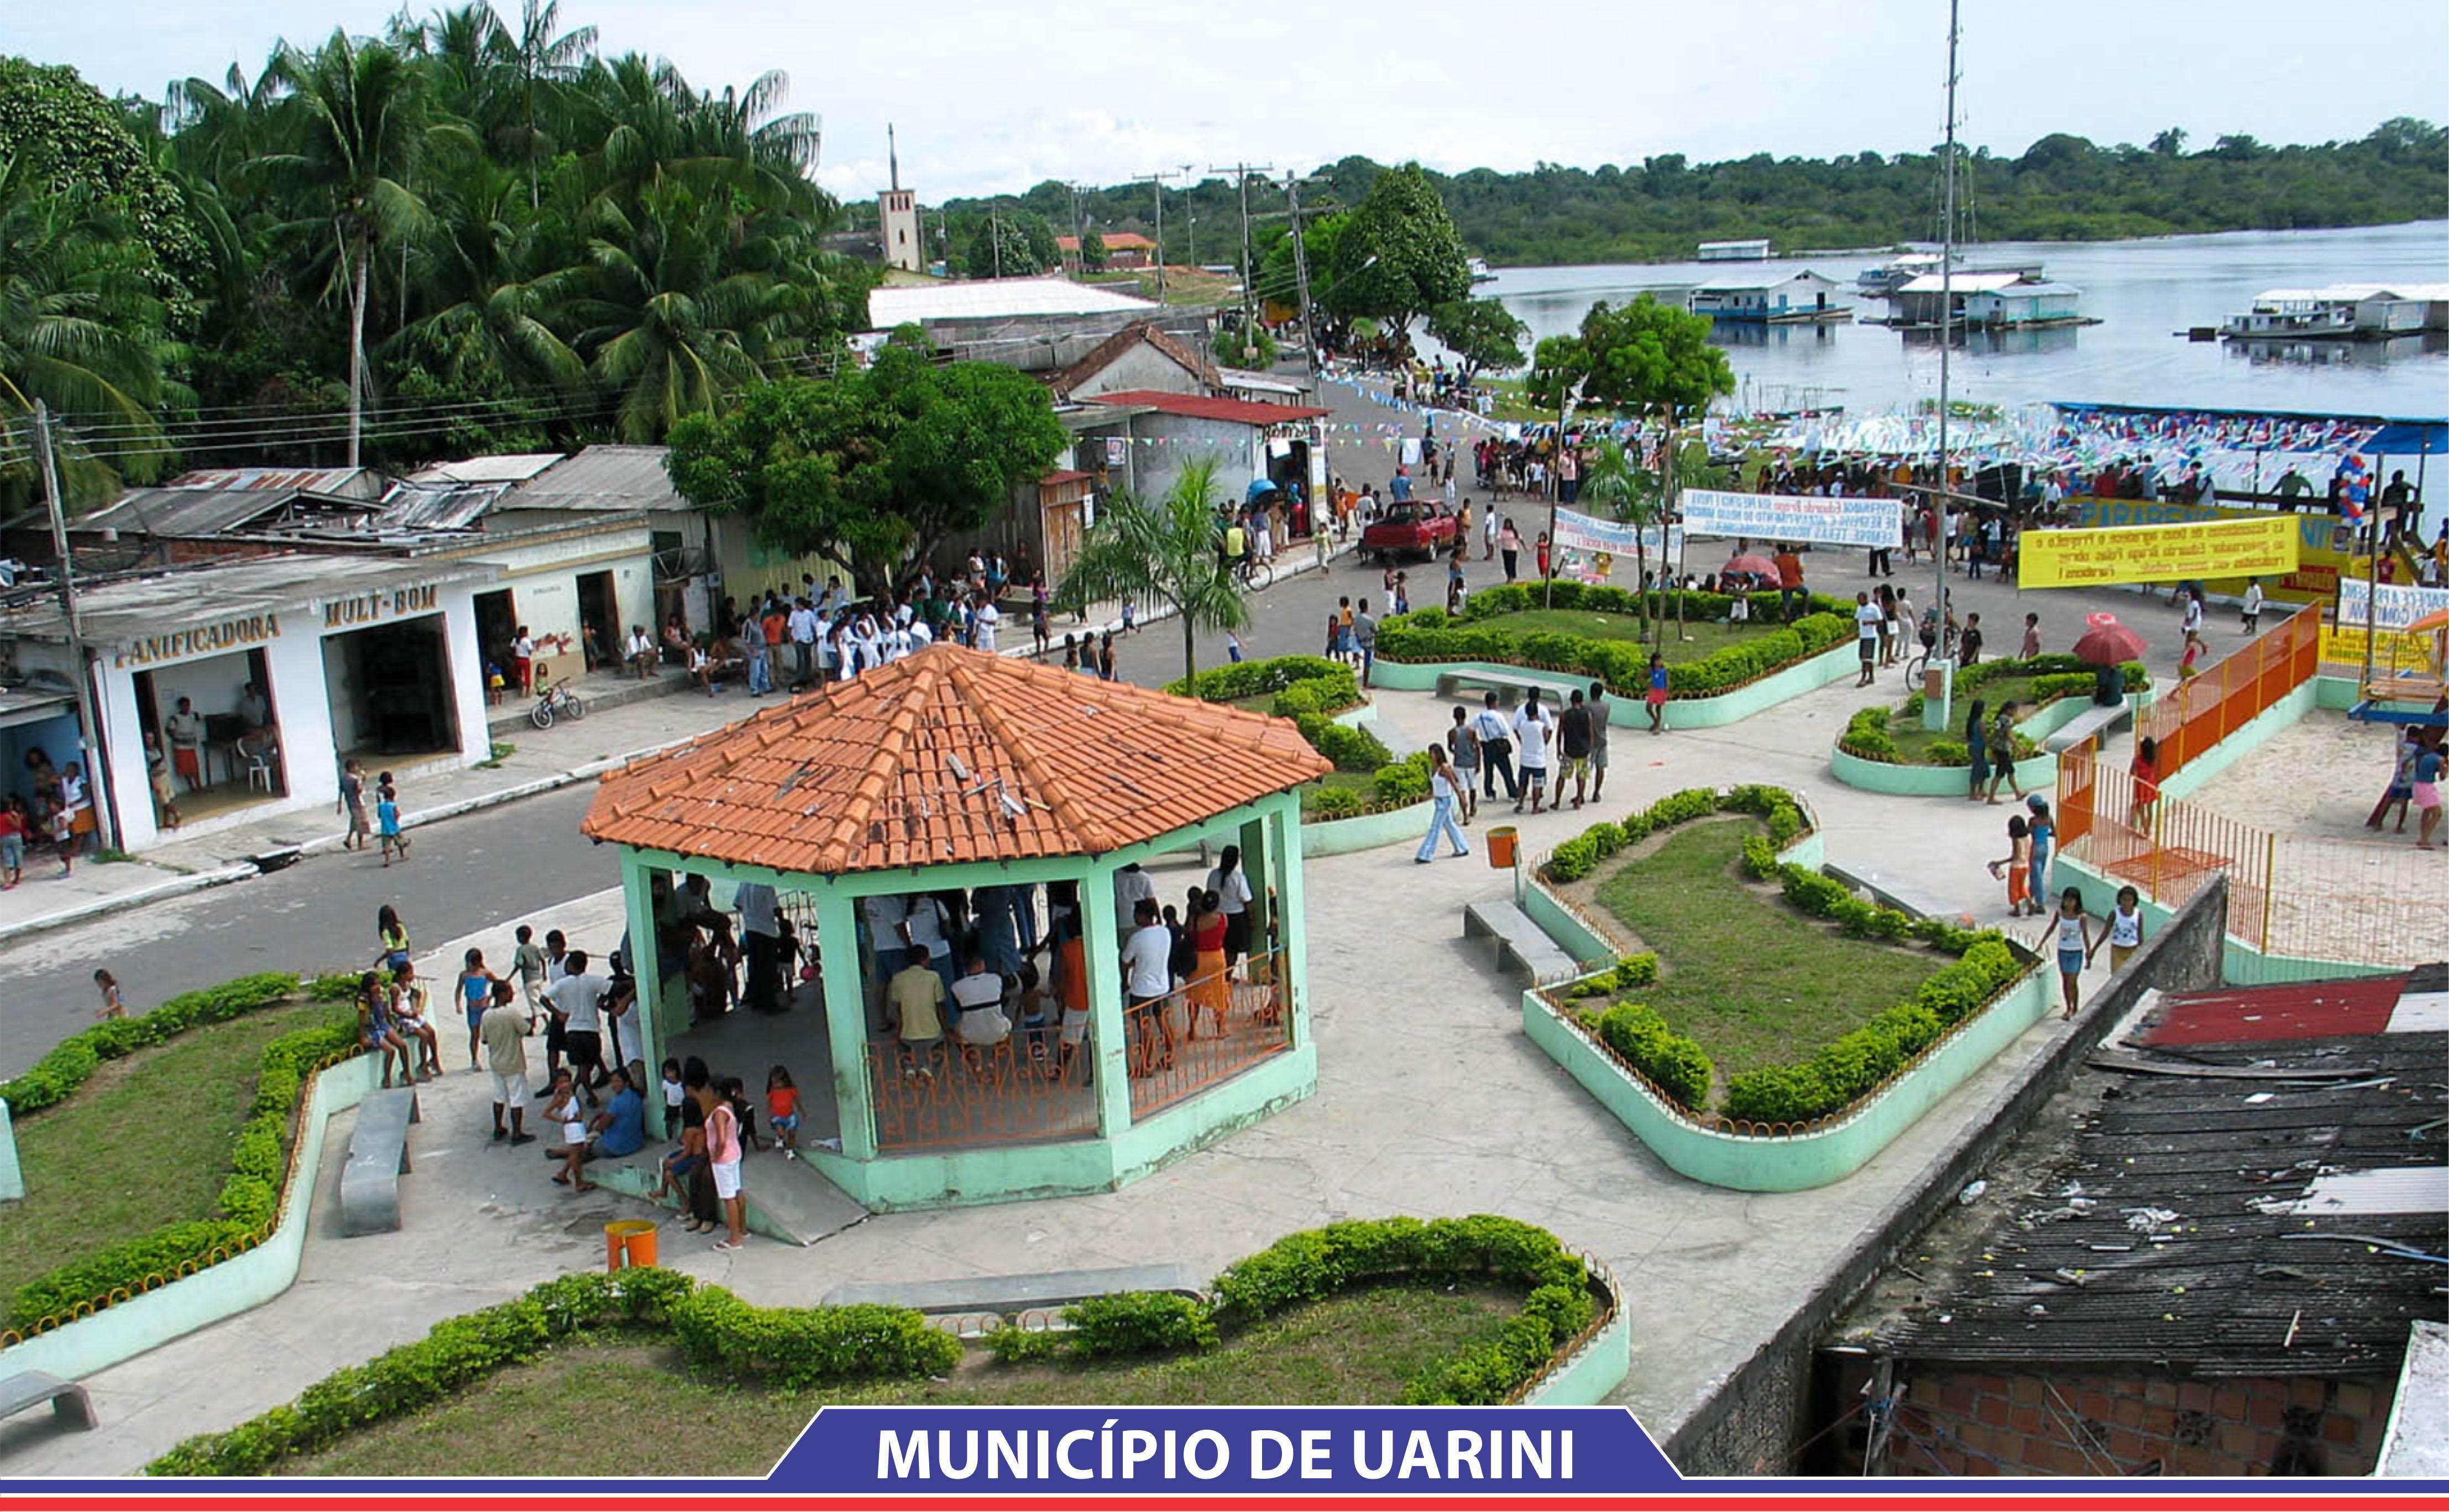 Uarini Amazonas fonte: portaldoamazonas.com